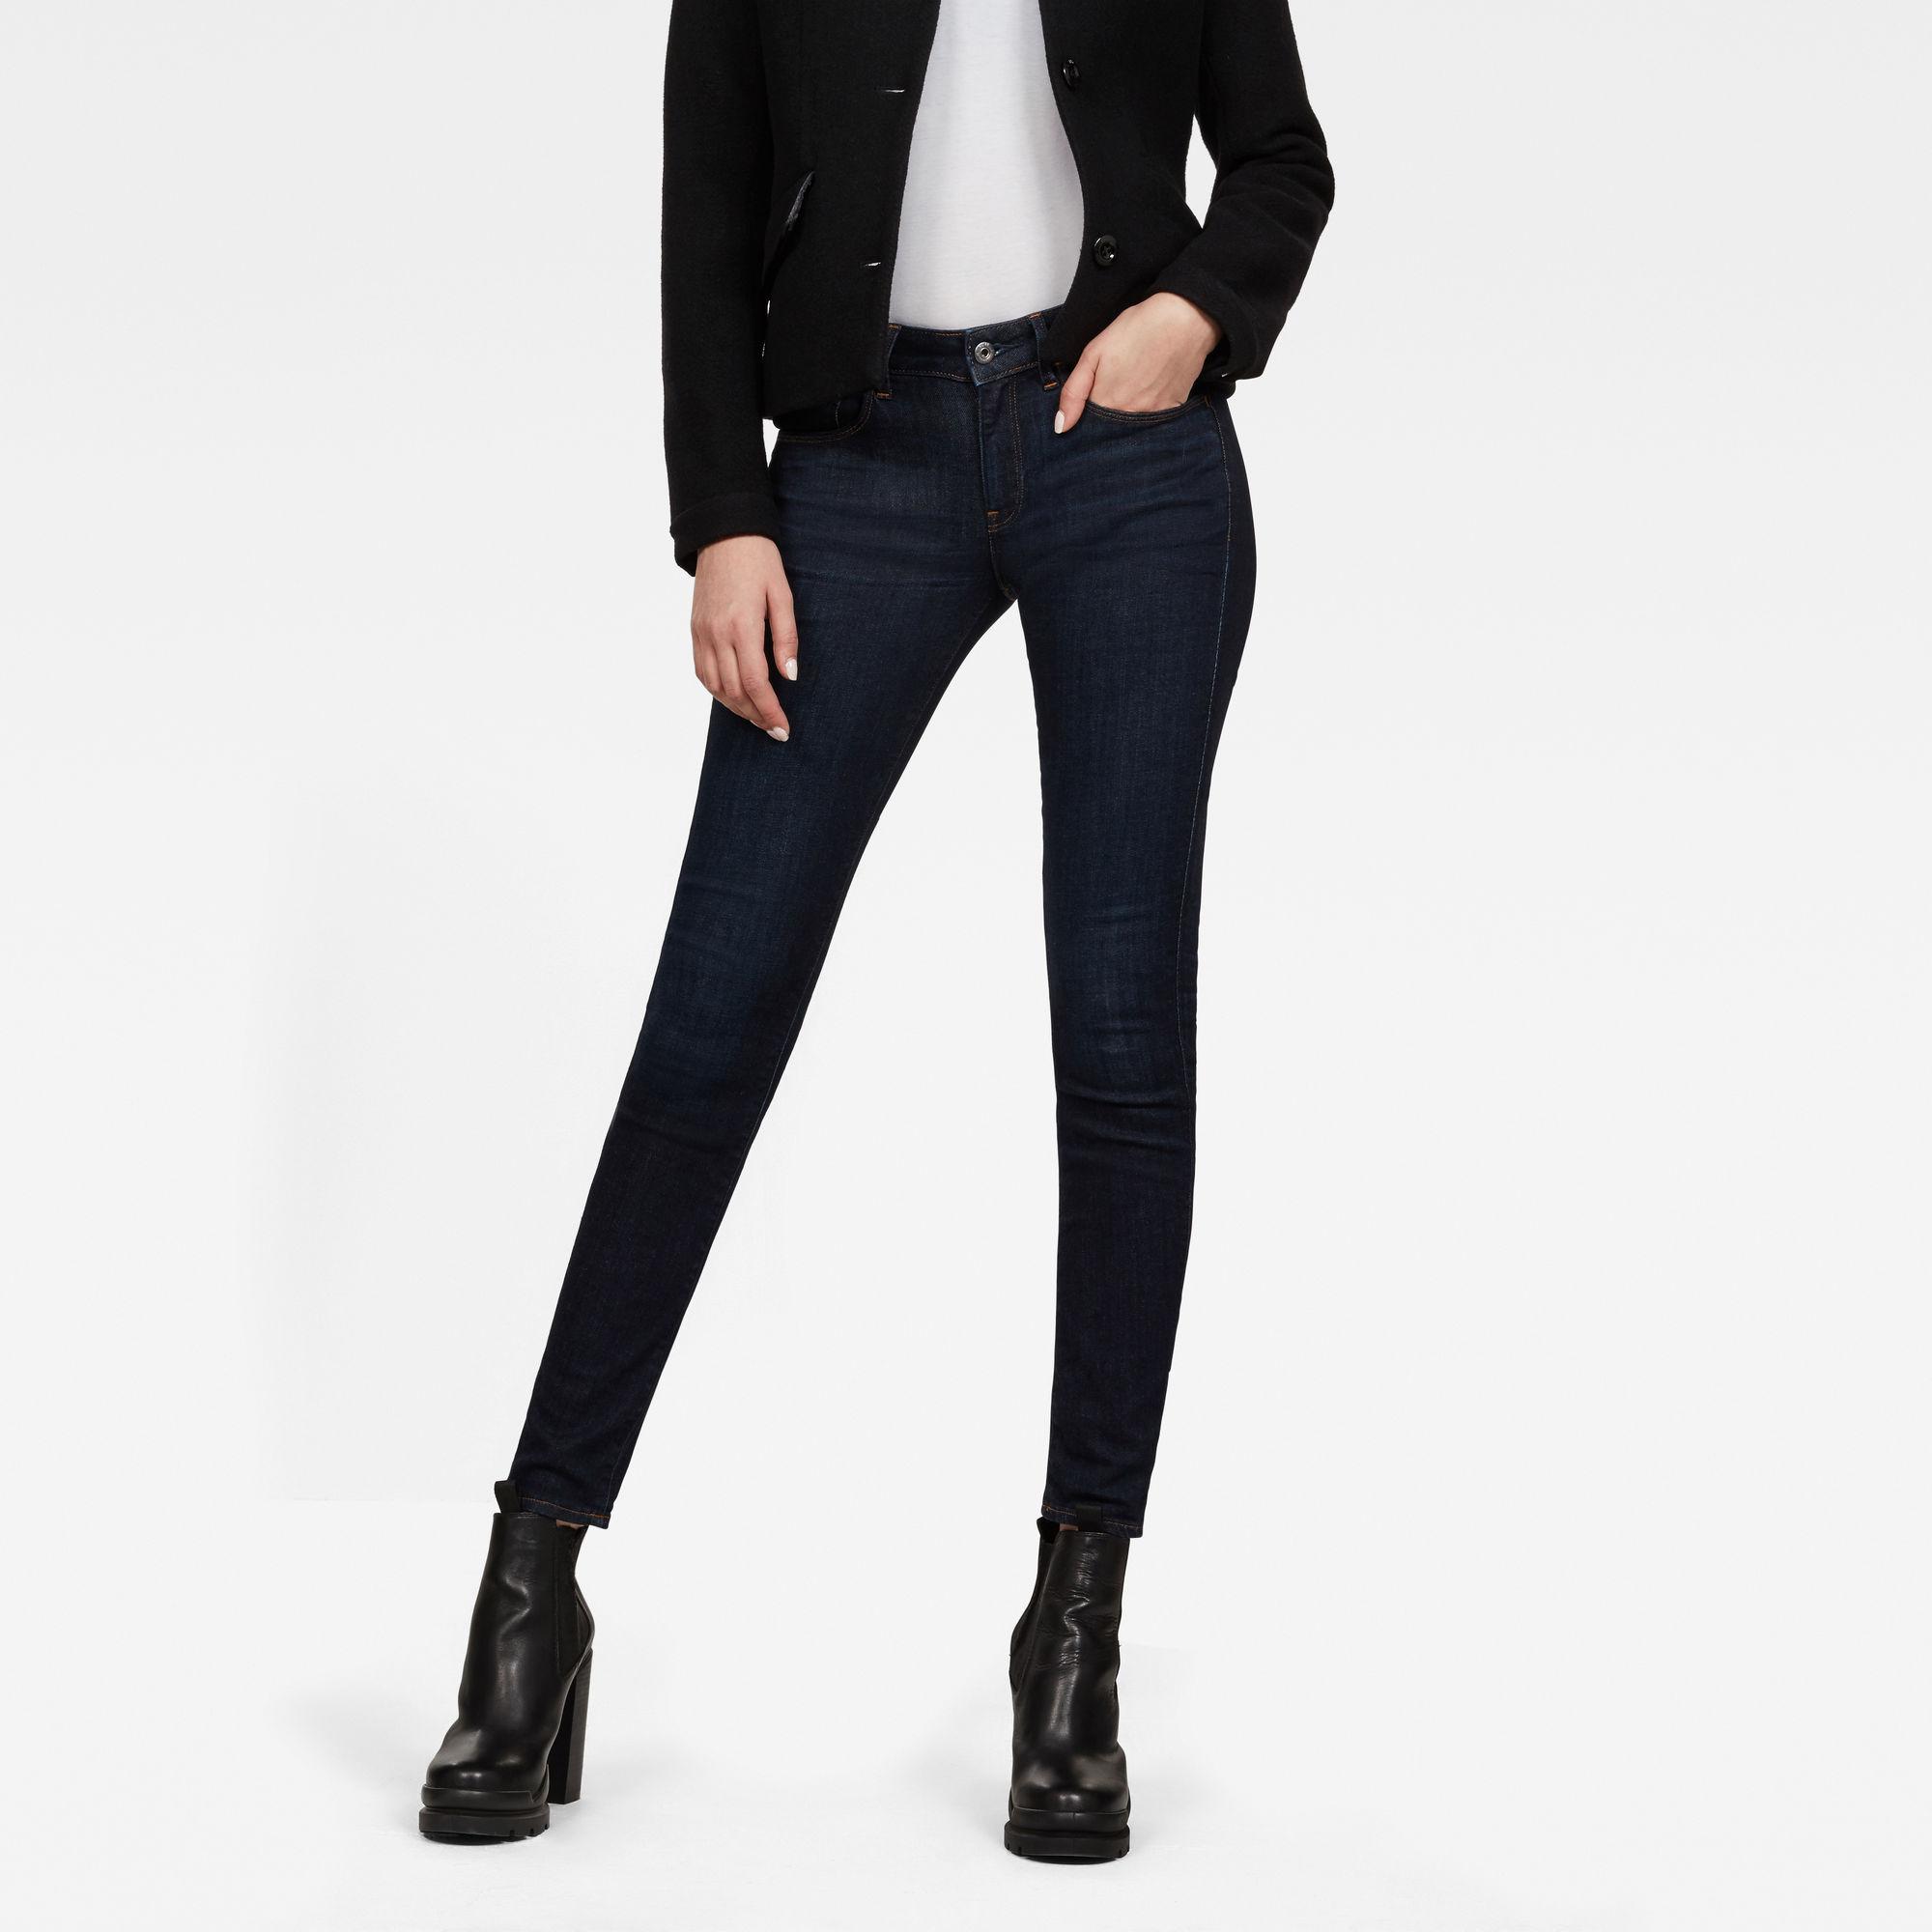 3301 Deconstructed Mid Waist Skinny Jeans Jeans maat 24-28 van G-Star RAW snel en voordelig in huis? Hier lukt het direct